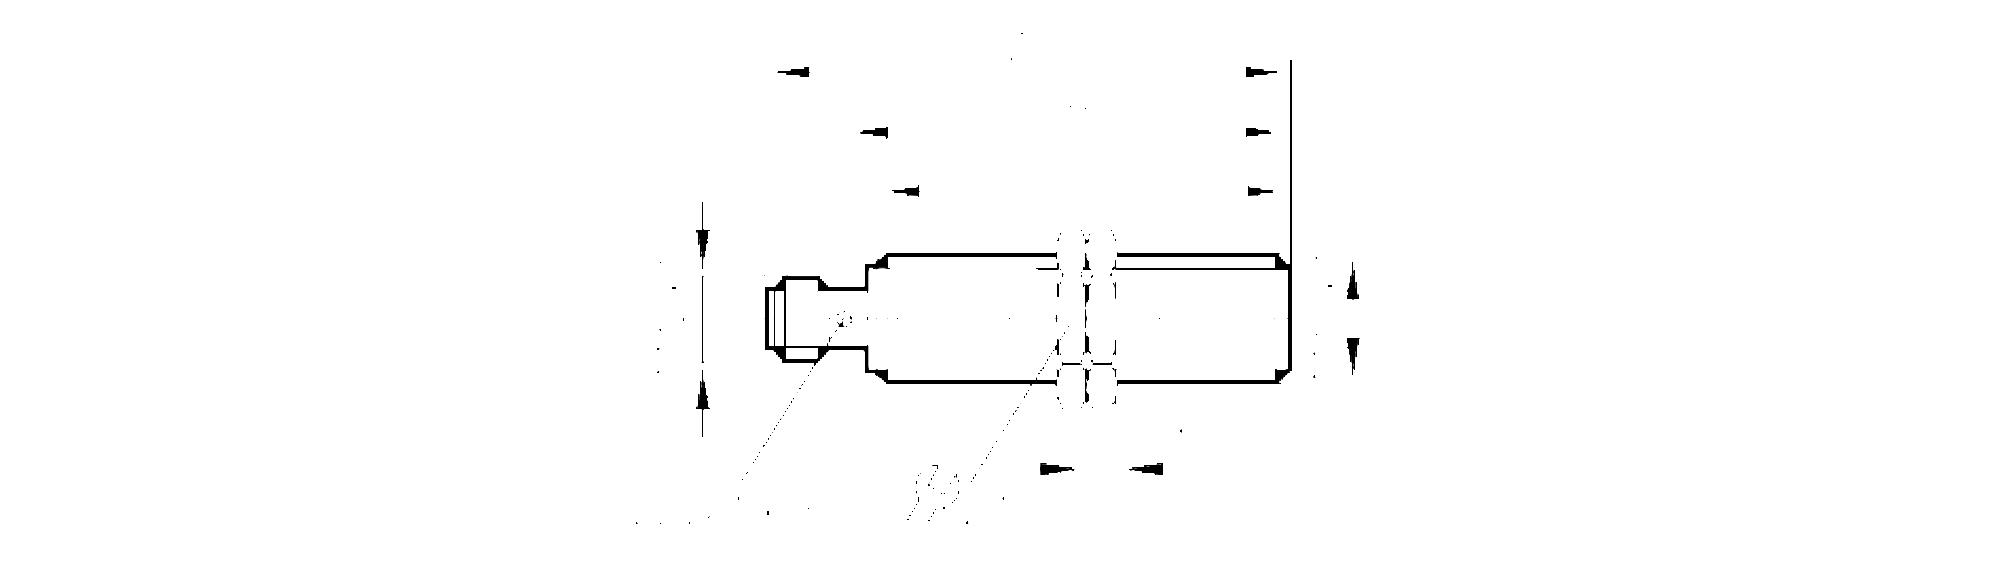 42x60x7-42//60//7 1 Wellendichtring 42 x 60 x 7  WAS